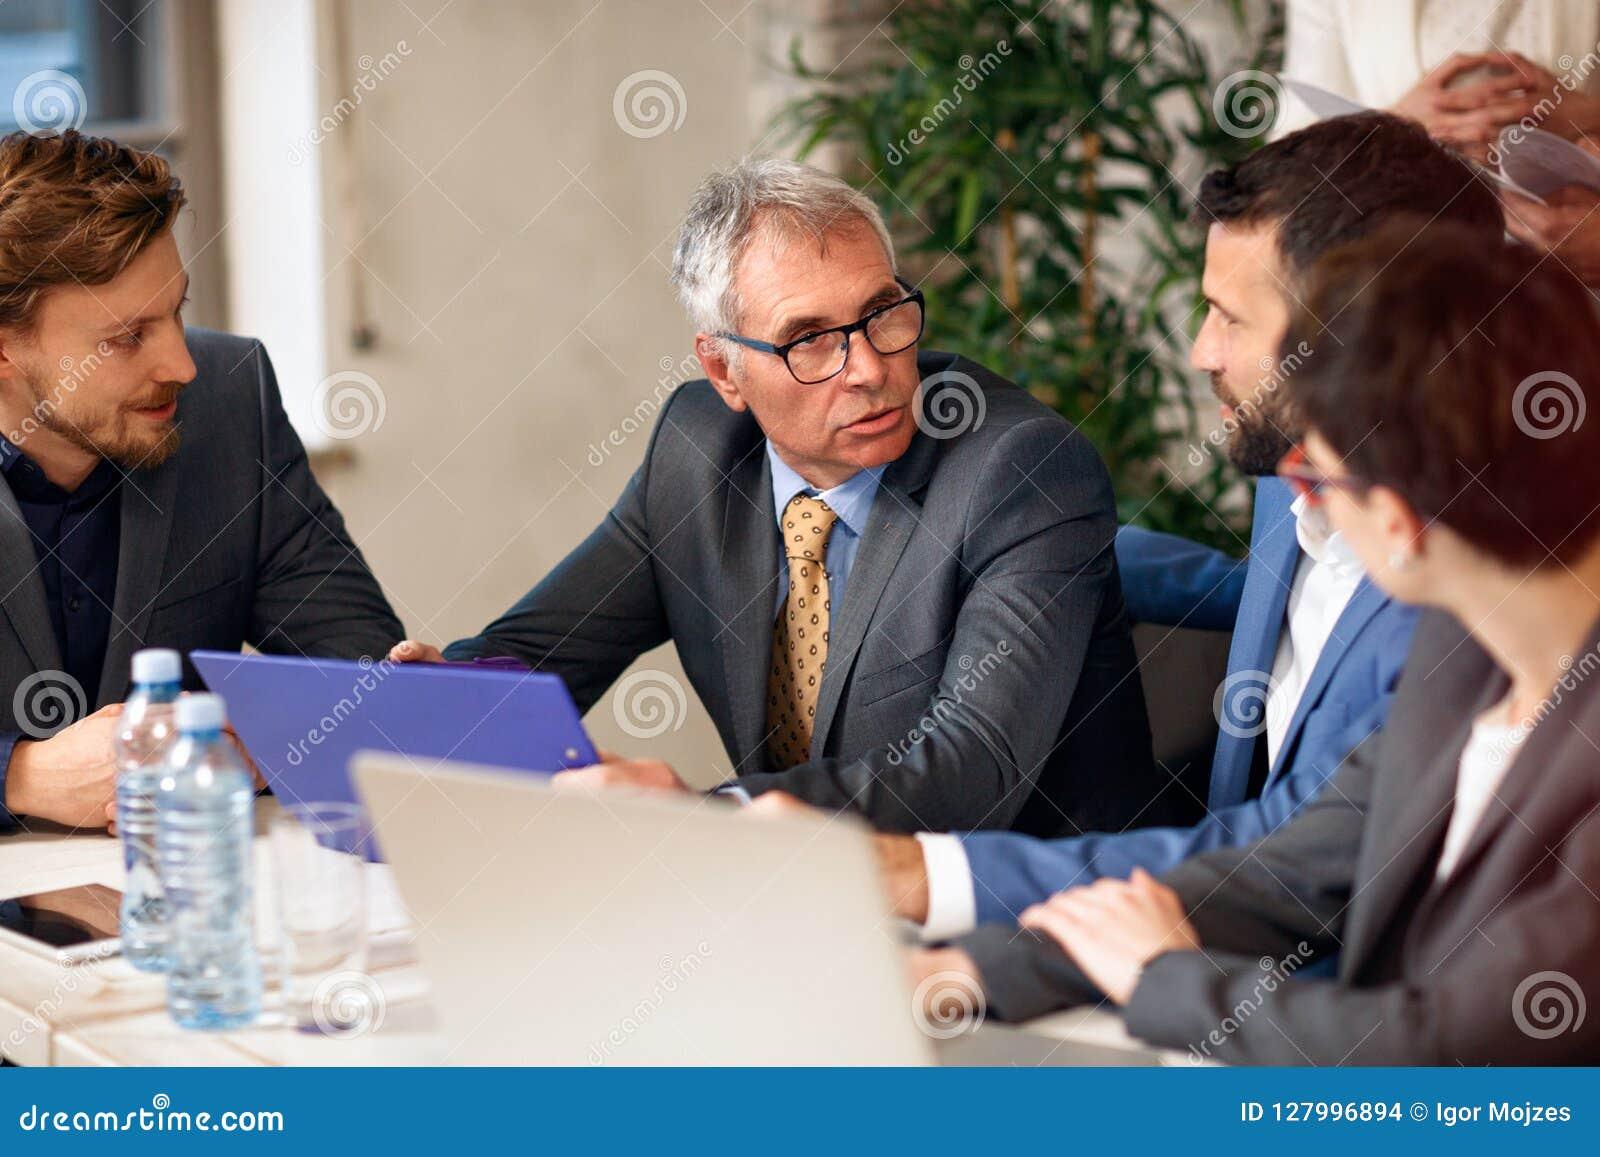 Trabajo en equipo - compañeros de trabajo que trabajan el gran trabajo del negocio